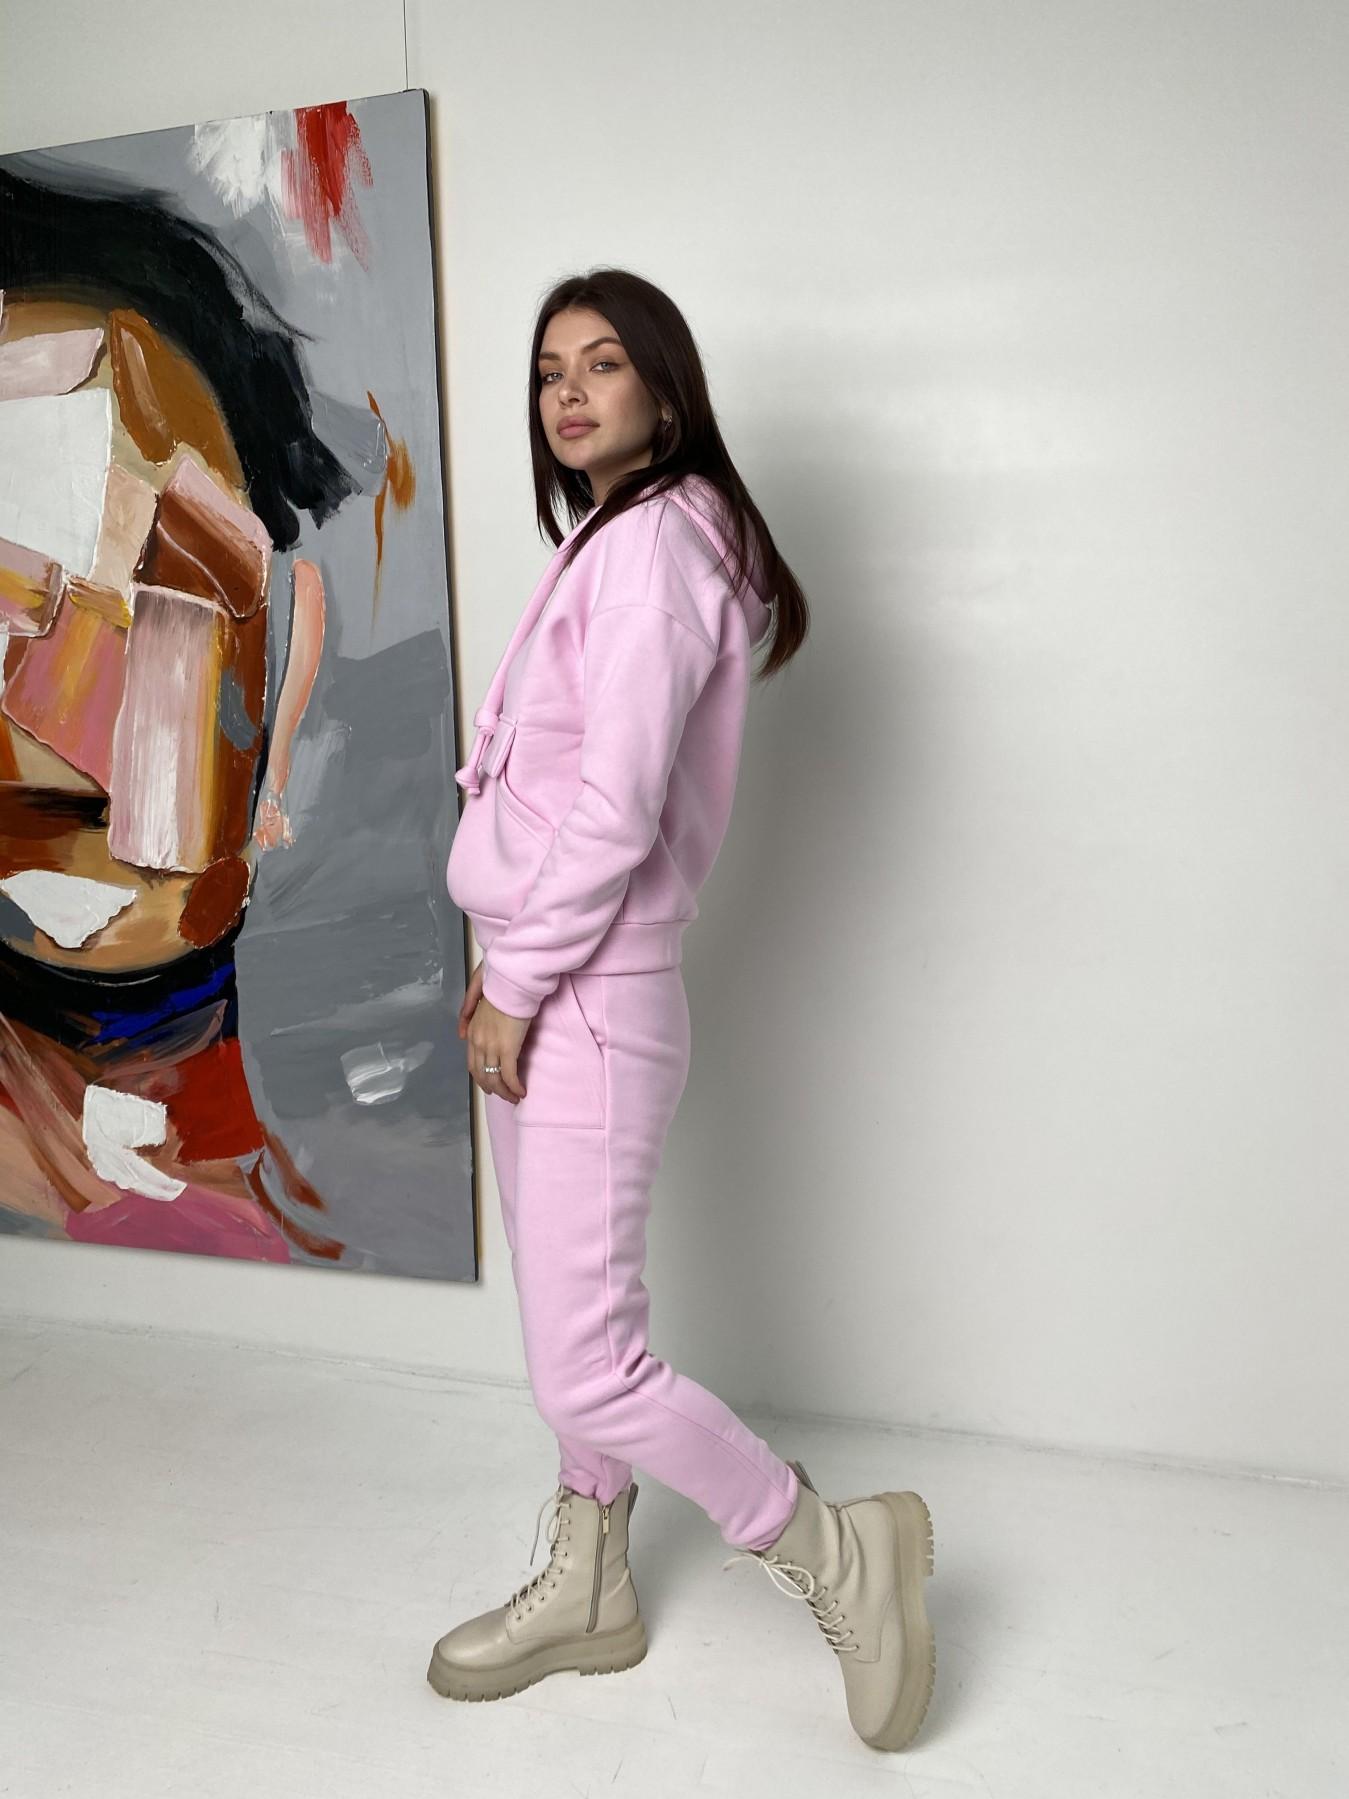 Бруклин  прогулочный костюм 3х нитка с начесом  9663 АРТ. 46923 Цвет: Розовый - фото 4, интернет магазин tm-modus.ru